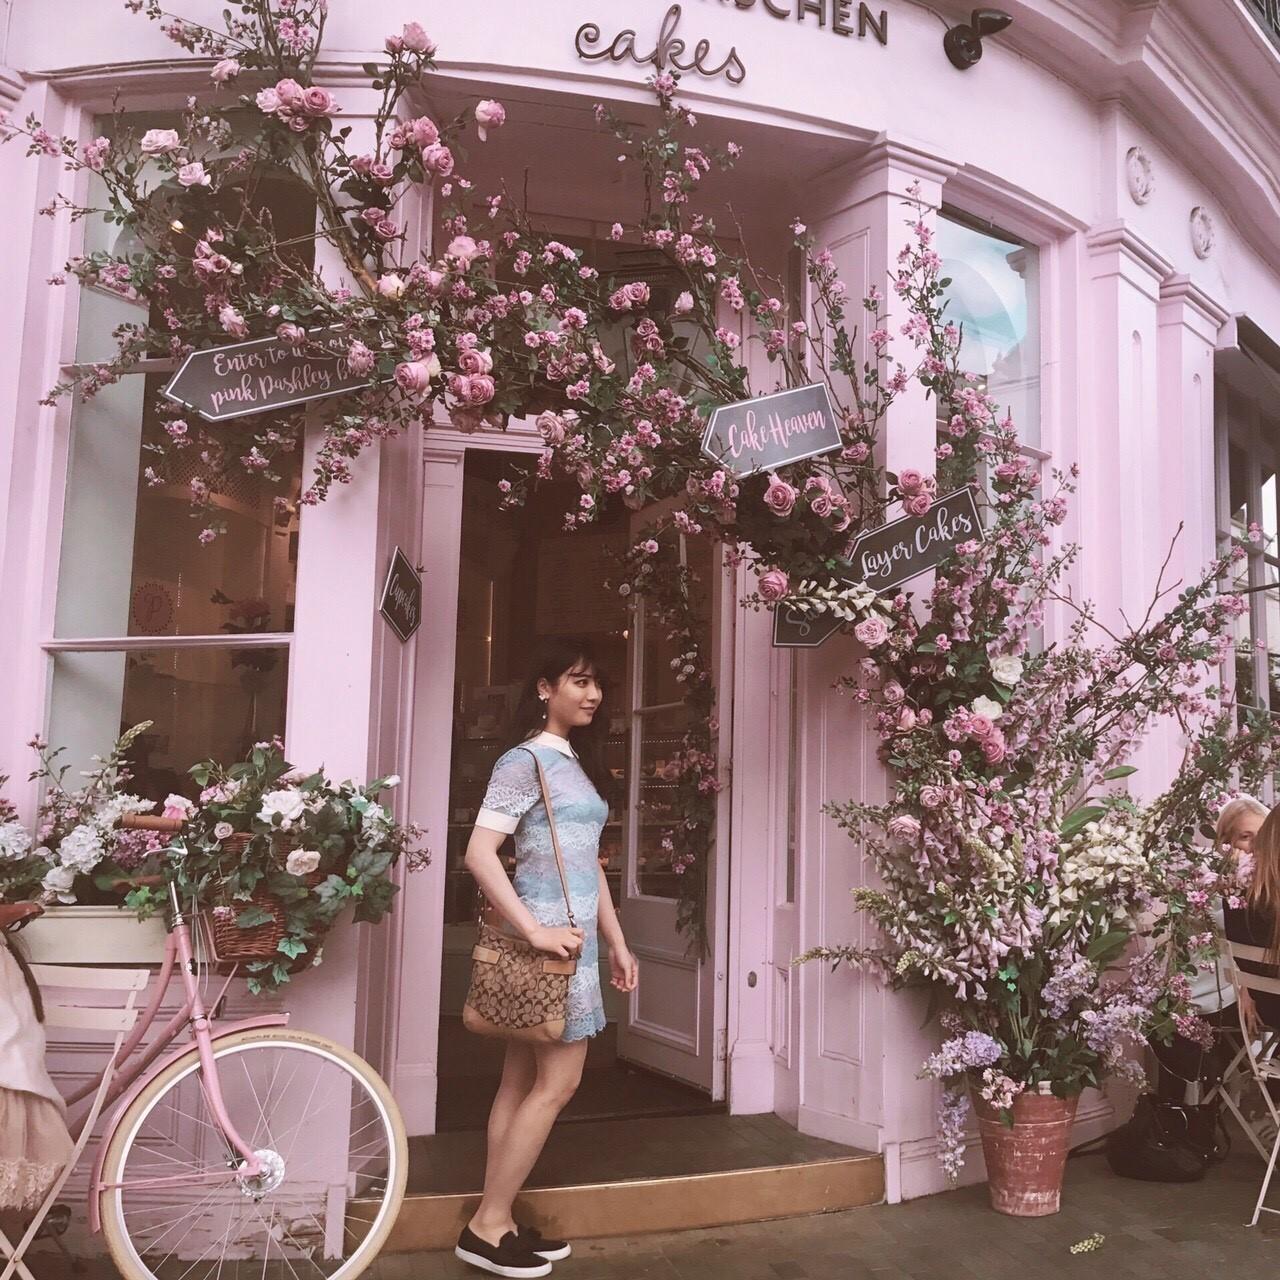 【ロンドン】でインスタグラム写真を撮ろう!_1_1